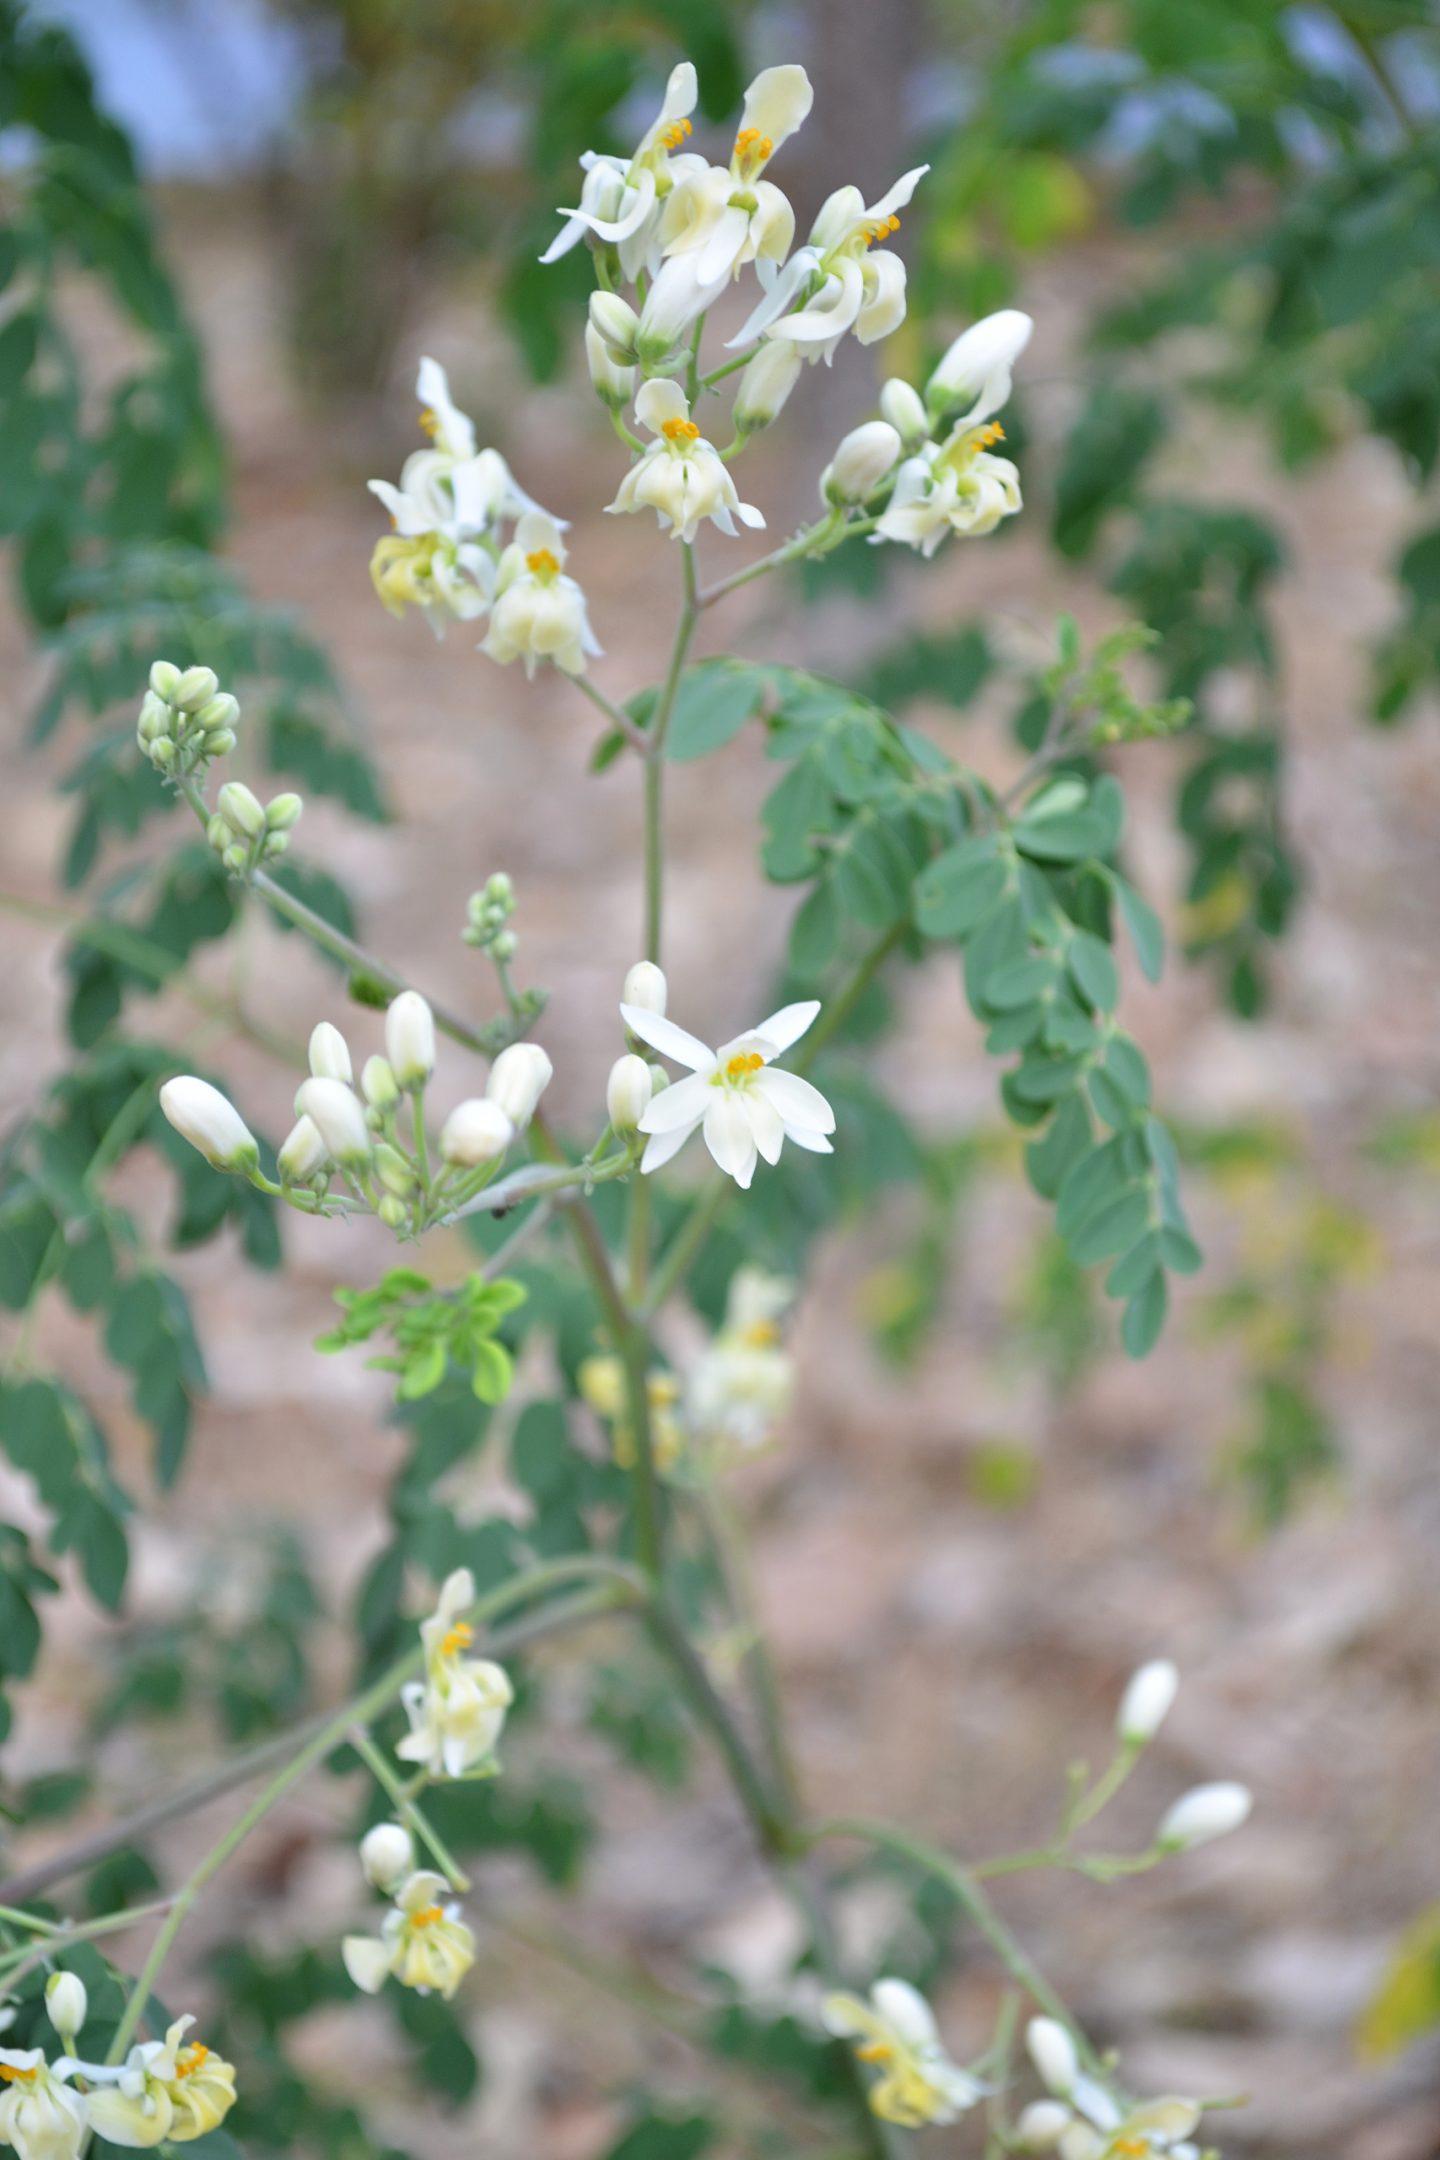 moringa medicinal uses